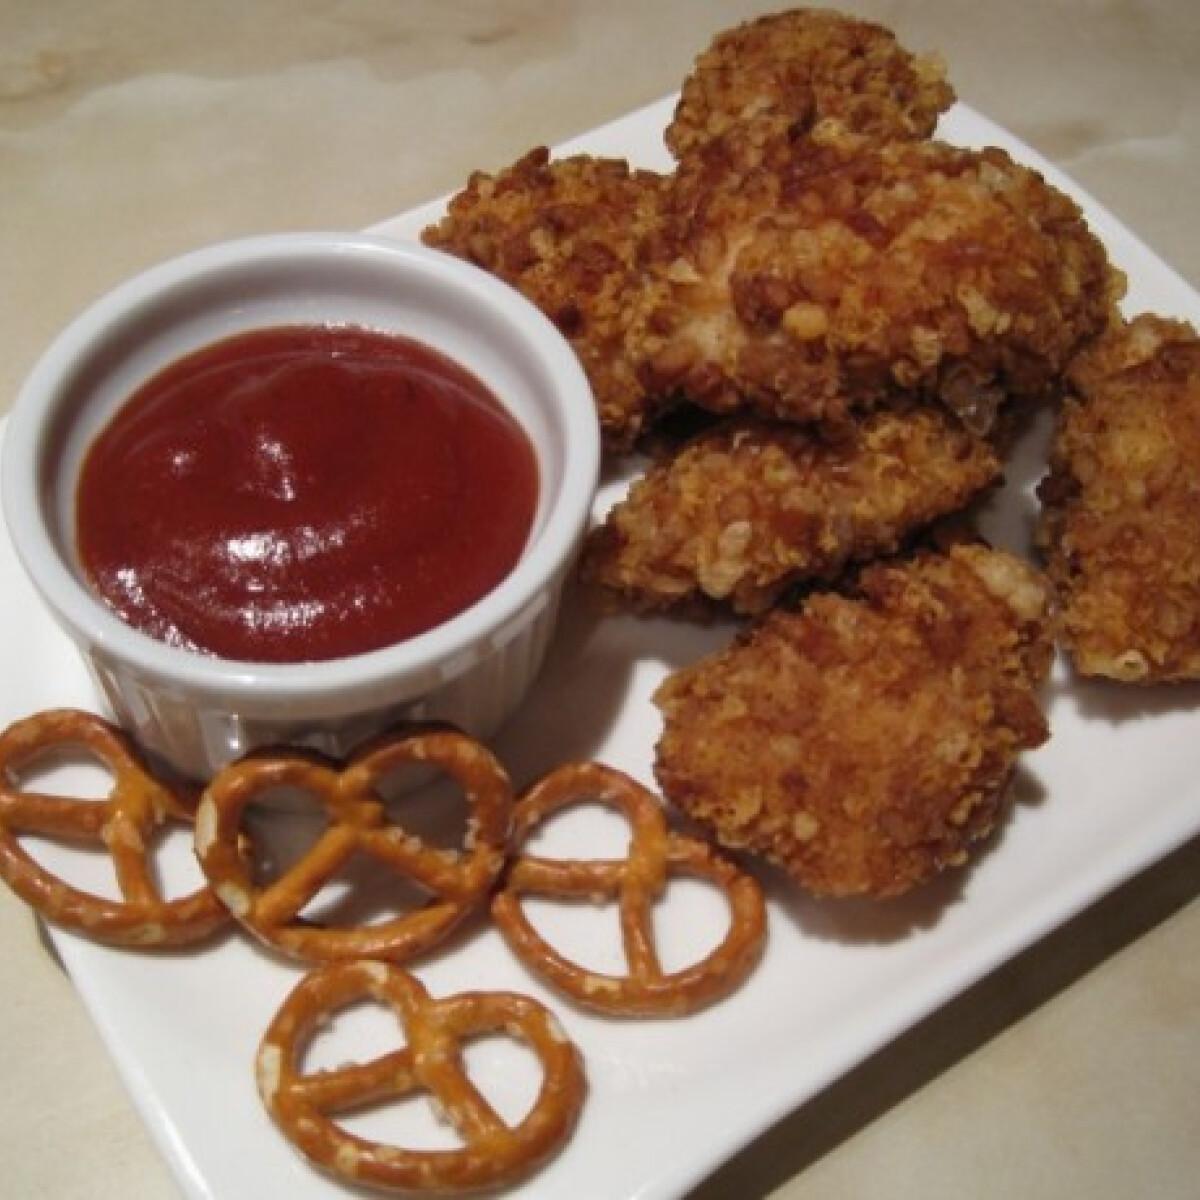 Ezen a képen: Csirke nuggets perecbundával